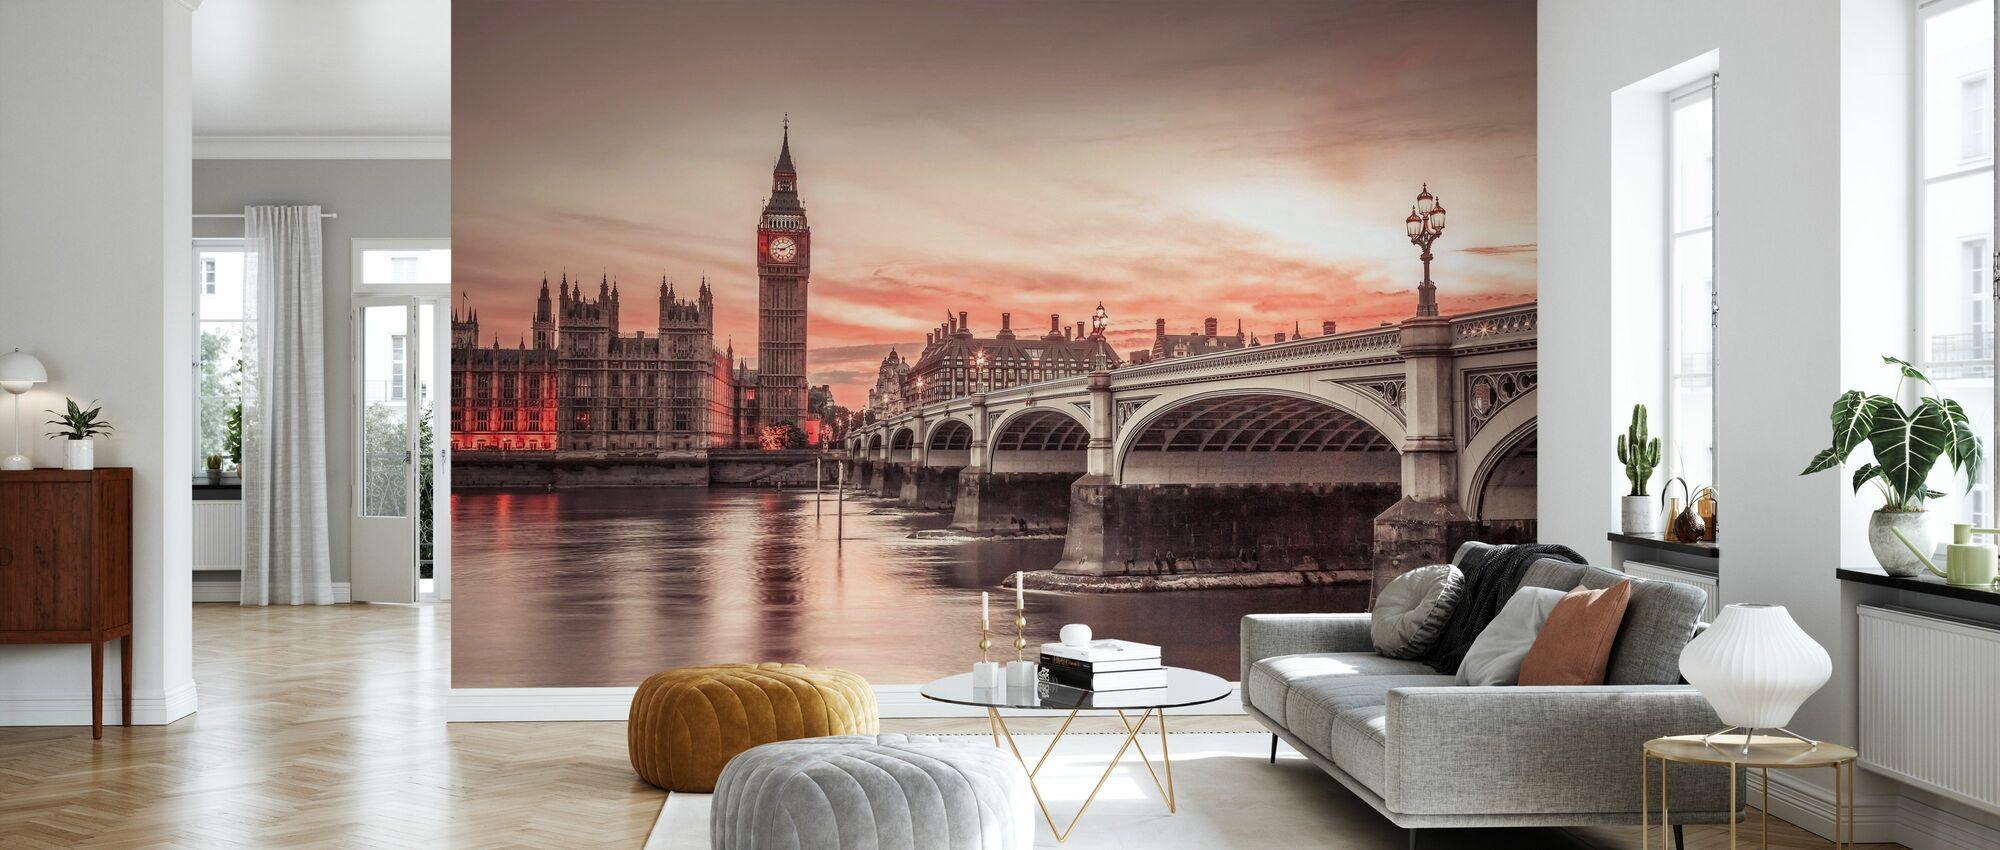 Big Ben Sunset - Tapet - Stue